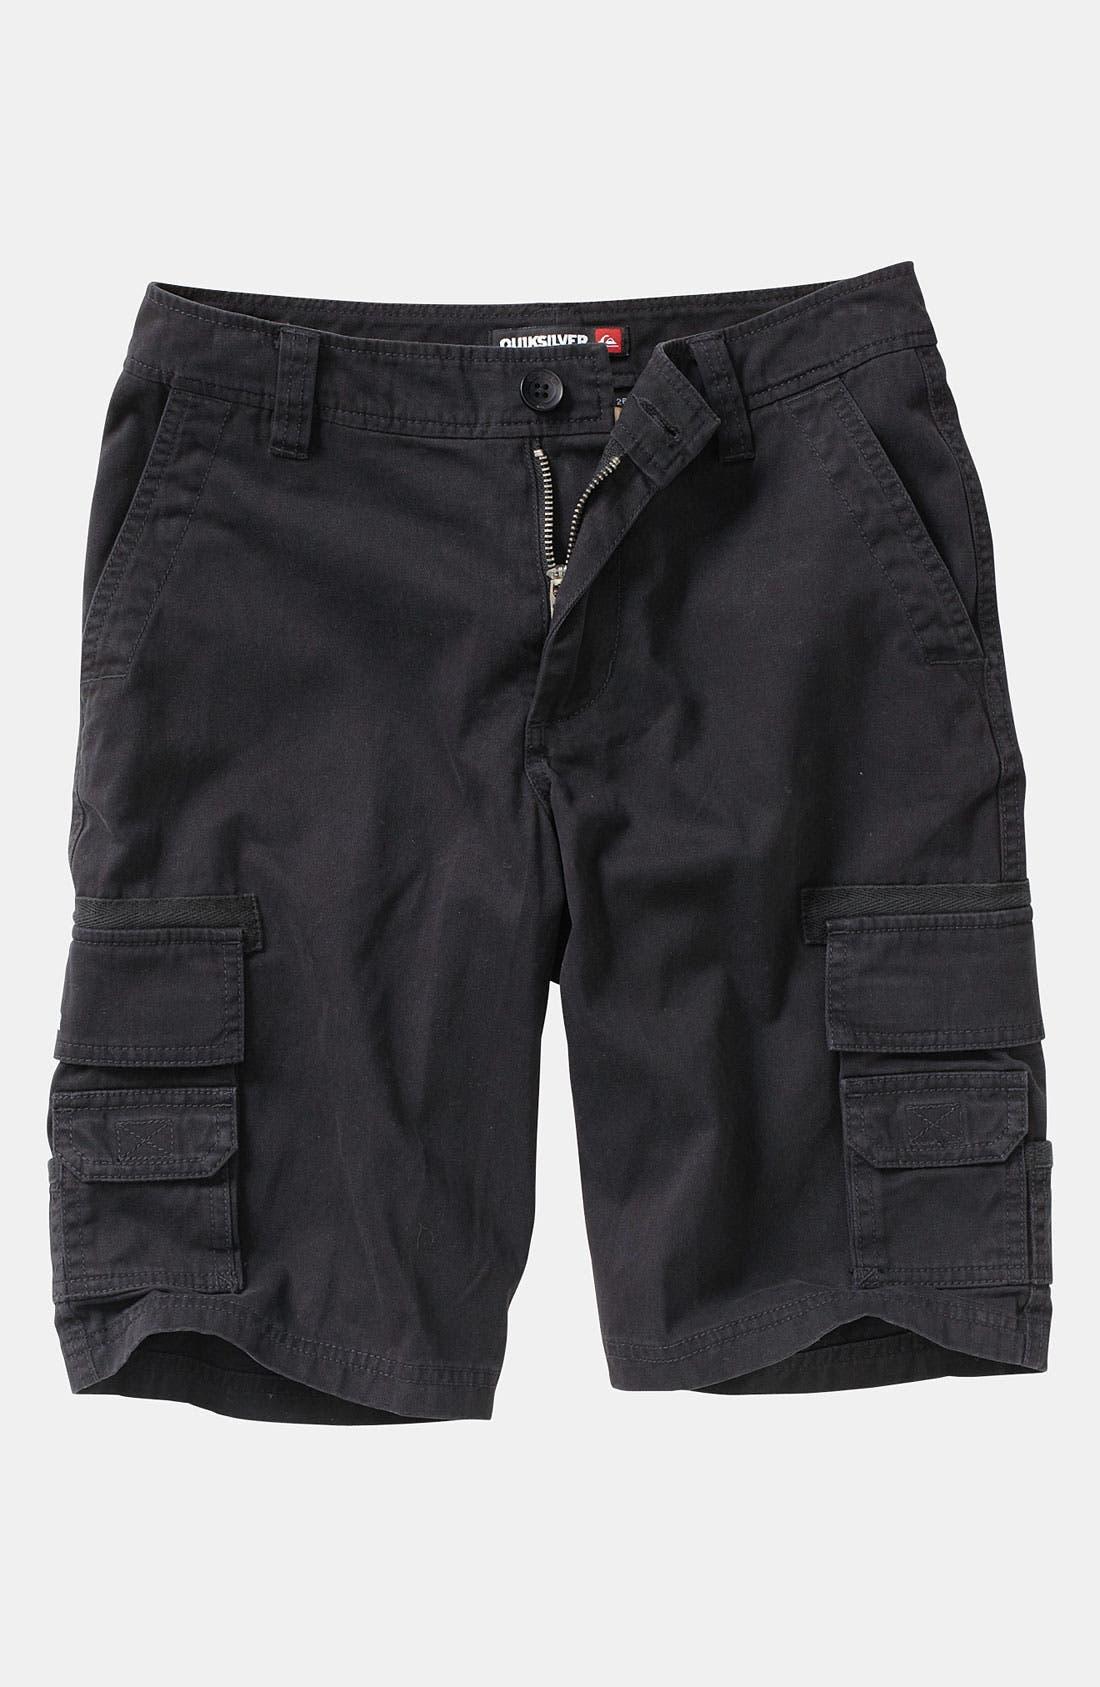 Alternate Image 1 Selected - Quiksilver 'Escargot' Cargo Shorts (Big Boys)